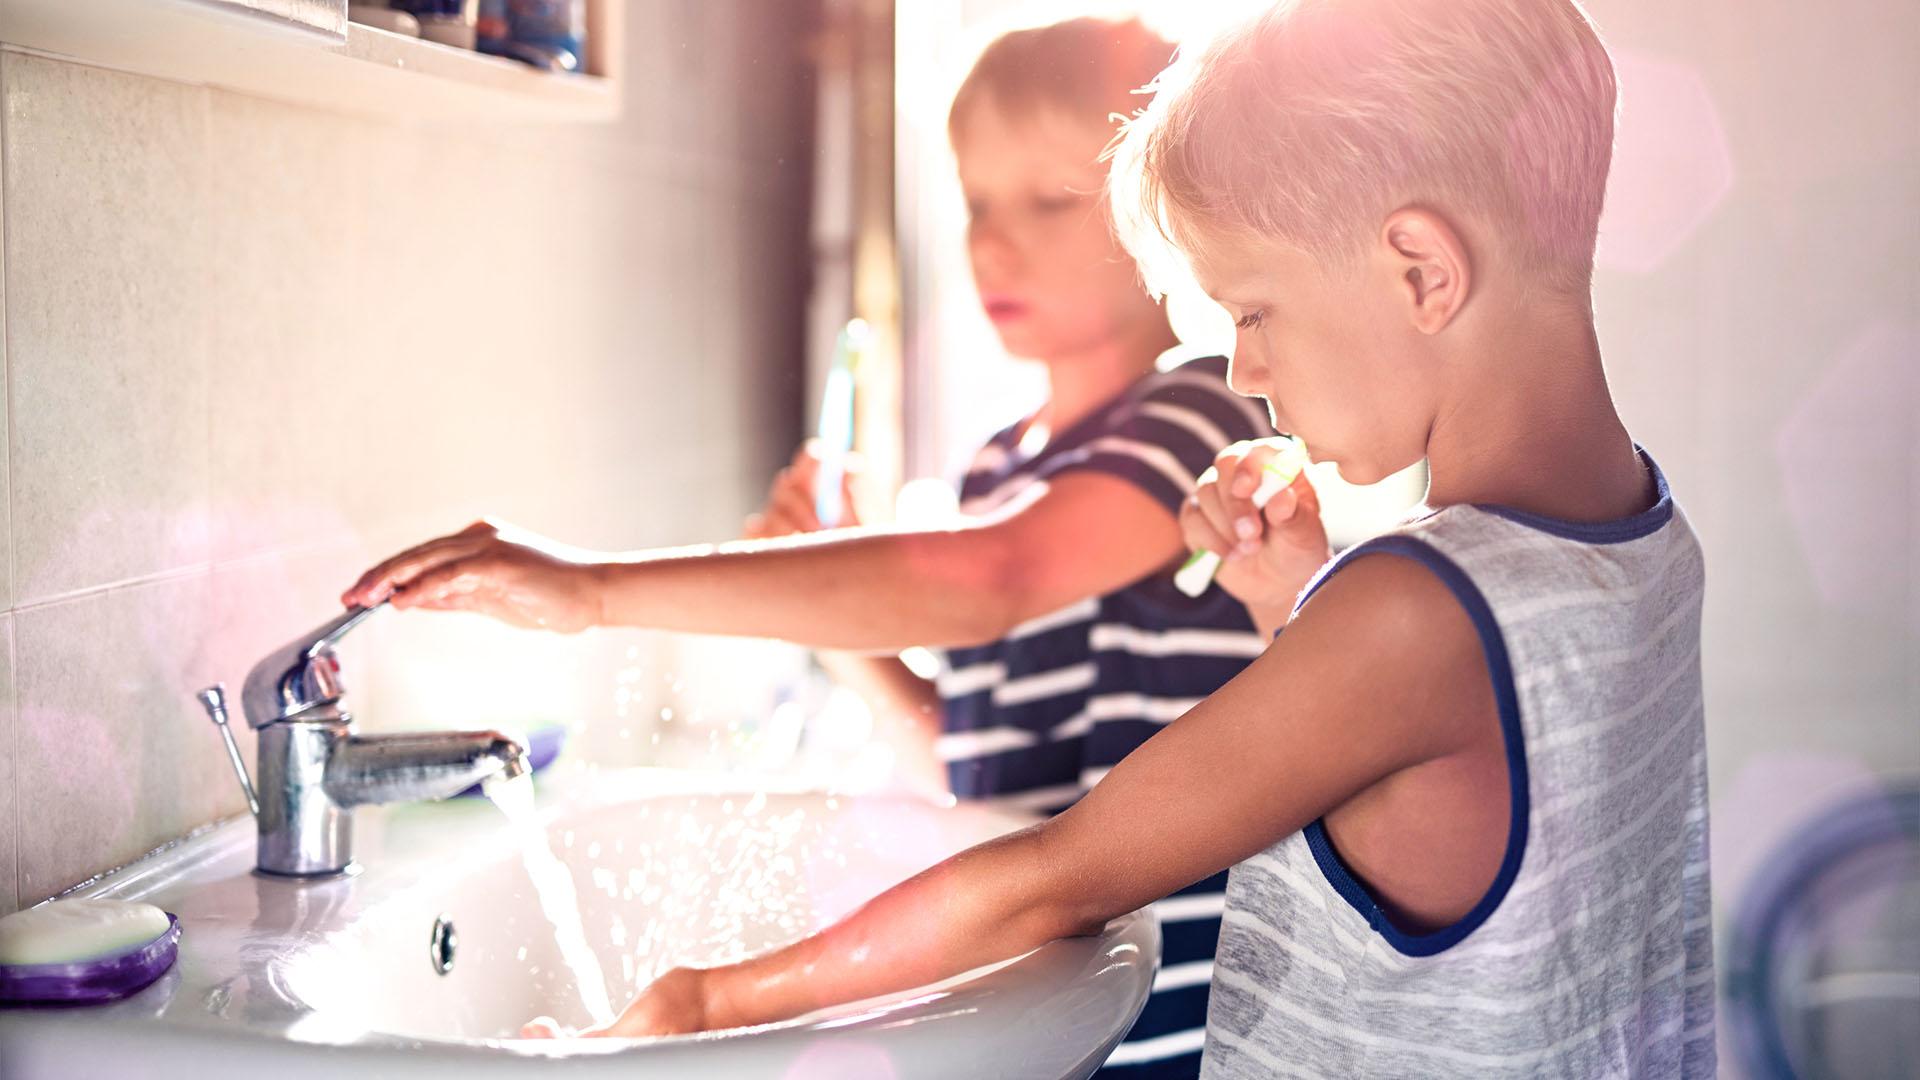 Tipps zum Wasser sparen im Haushalt